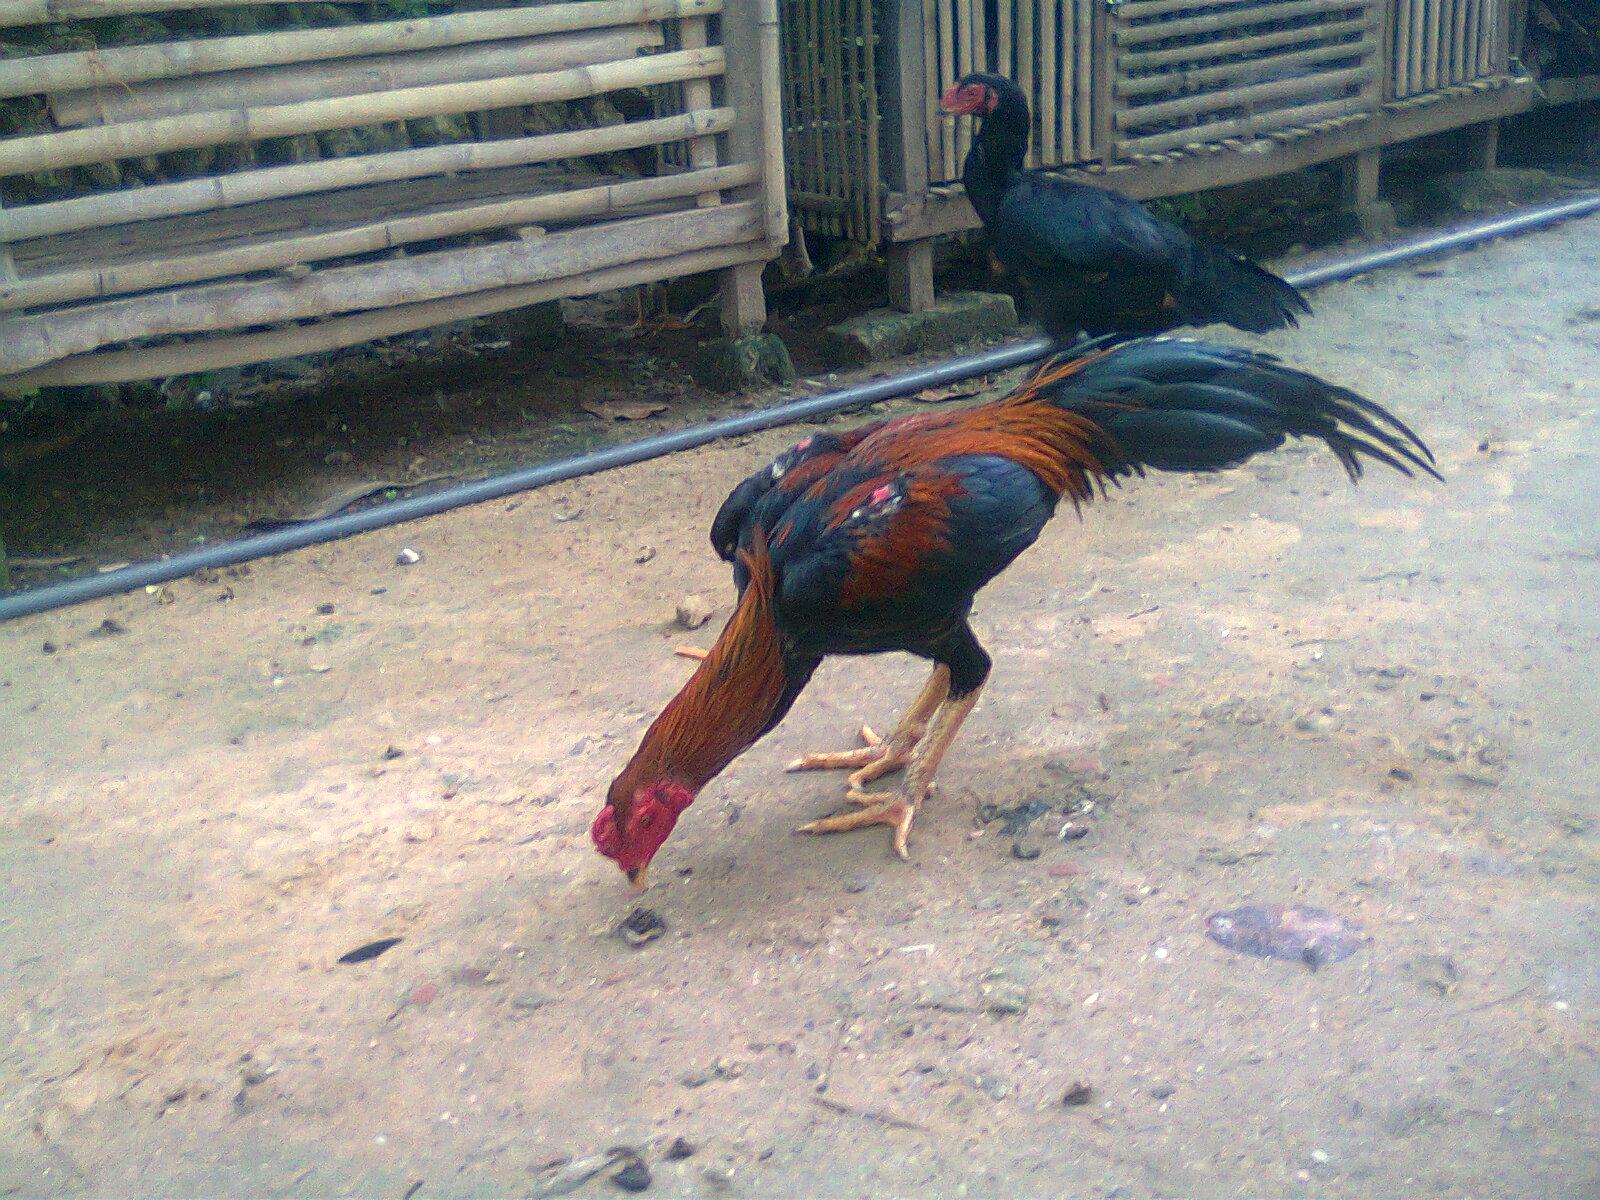 Jual Ayam Bangkok Lokasi Di Madura Wirausaha Budidaya Jamu Merpati Superkuat Untuk Agn Agan Penggemar Aduan Mania Bebotoh Ini Ada Kiriman Dari Saudara Agus S Widiyanto Yang Menawarkan